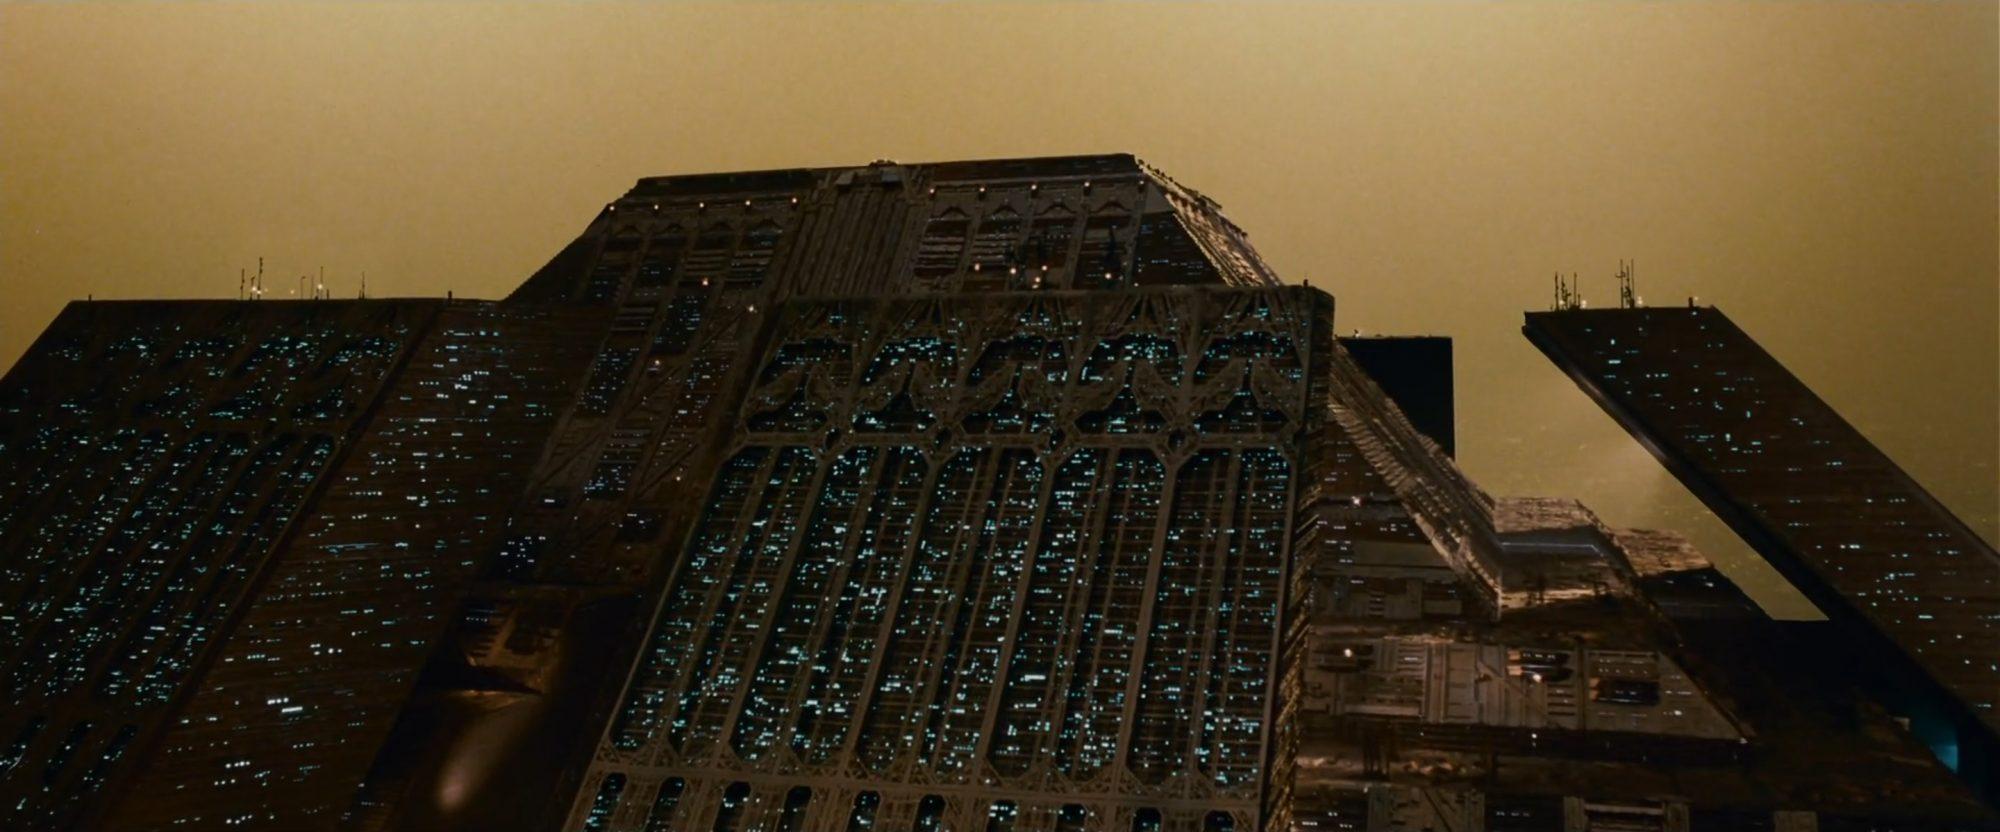 Urban landscape still from Blade Runner